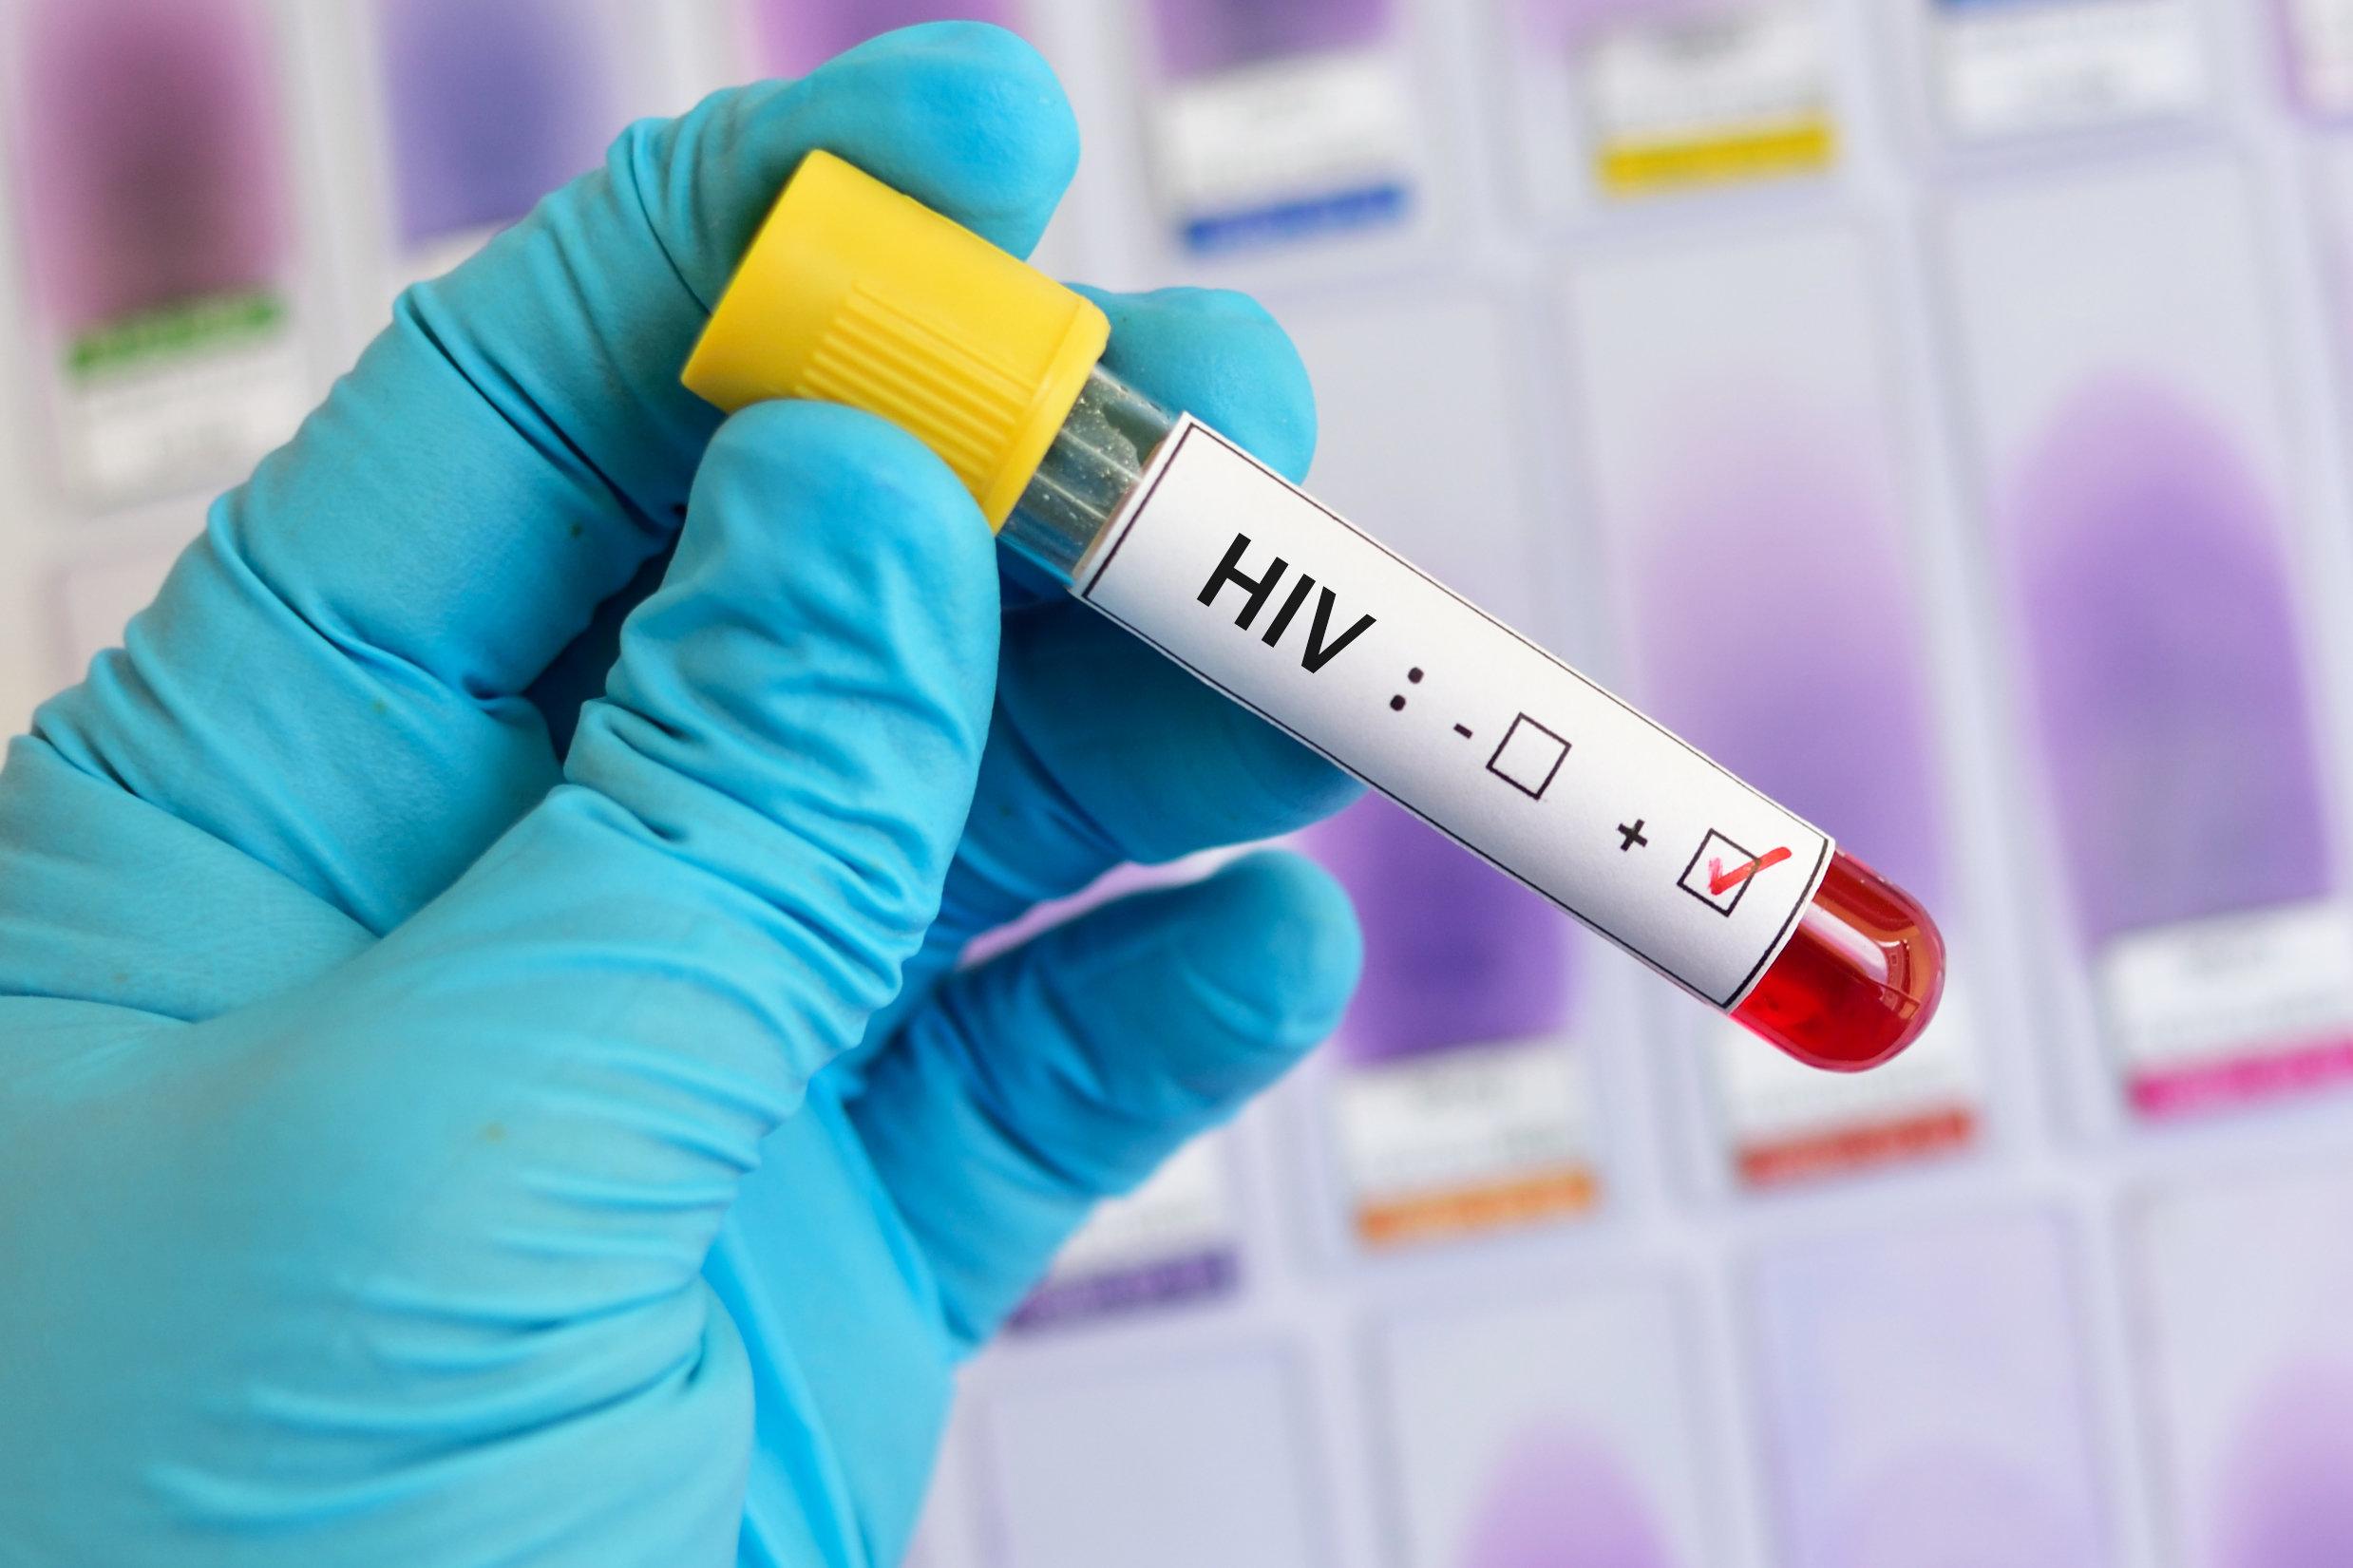 Homem deve pagar indenização por transmitir HIV a ex-mulher, decide